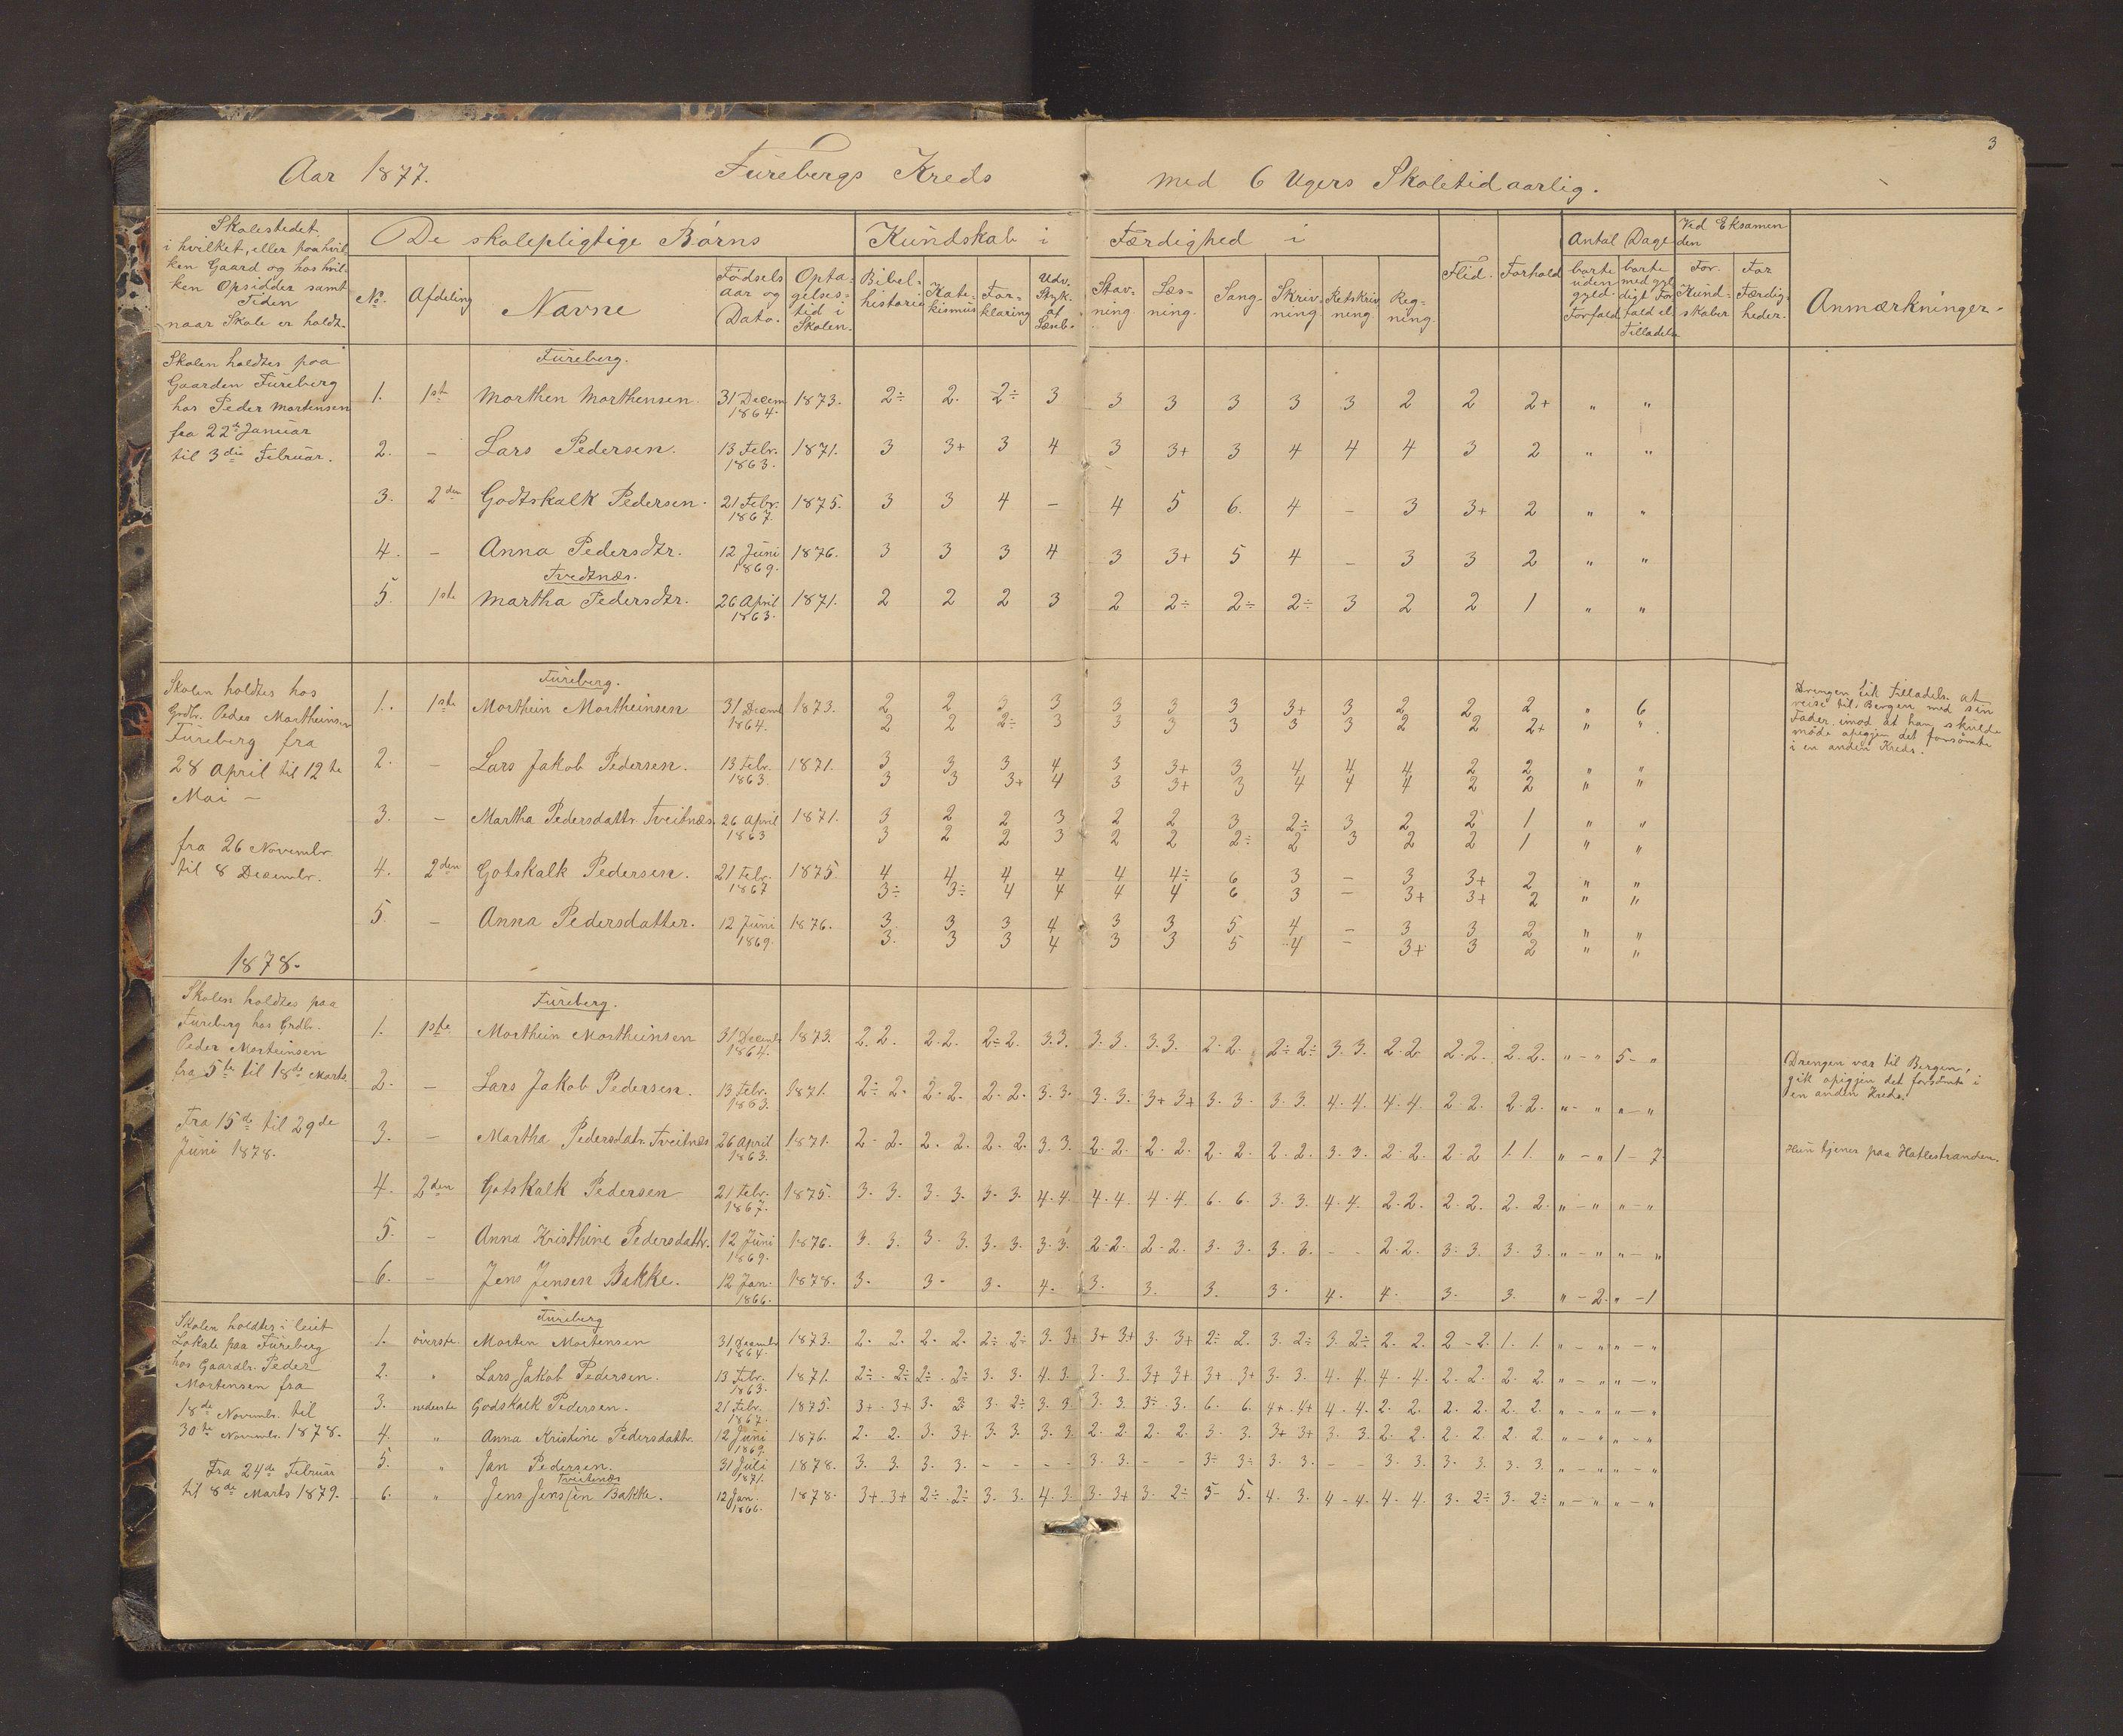 IKAH, Kvinnherad kommune. Barneskulane, F/Fd/L0006: Skuleprotokoll for Ænes, Fureberg og Tveitnes, Bondhusbygden og Austrepollen krinsar, 1877-1916, s. 3